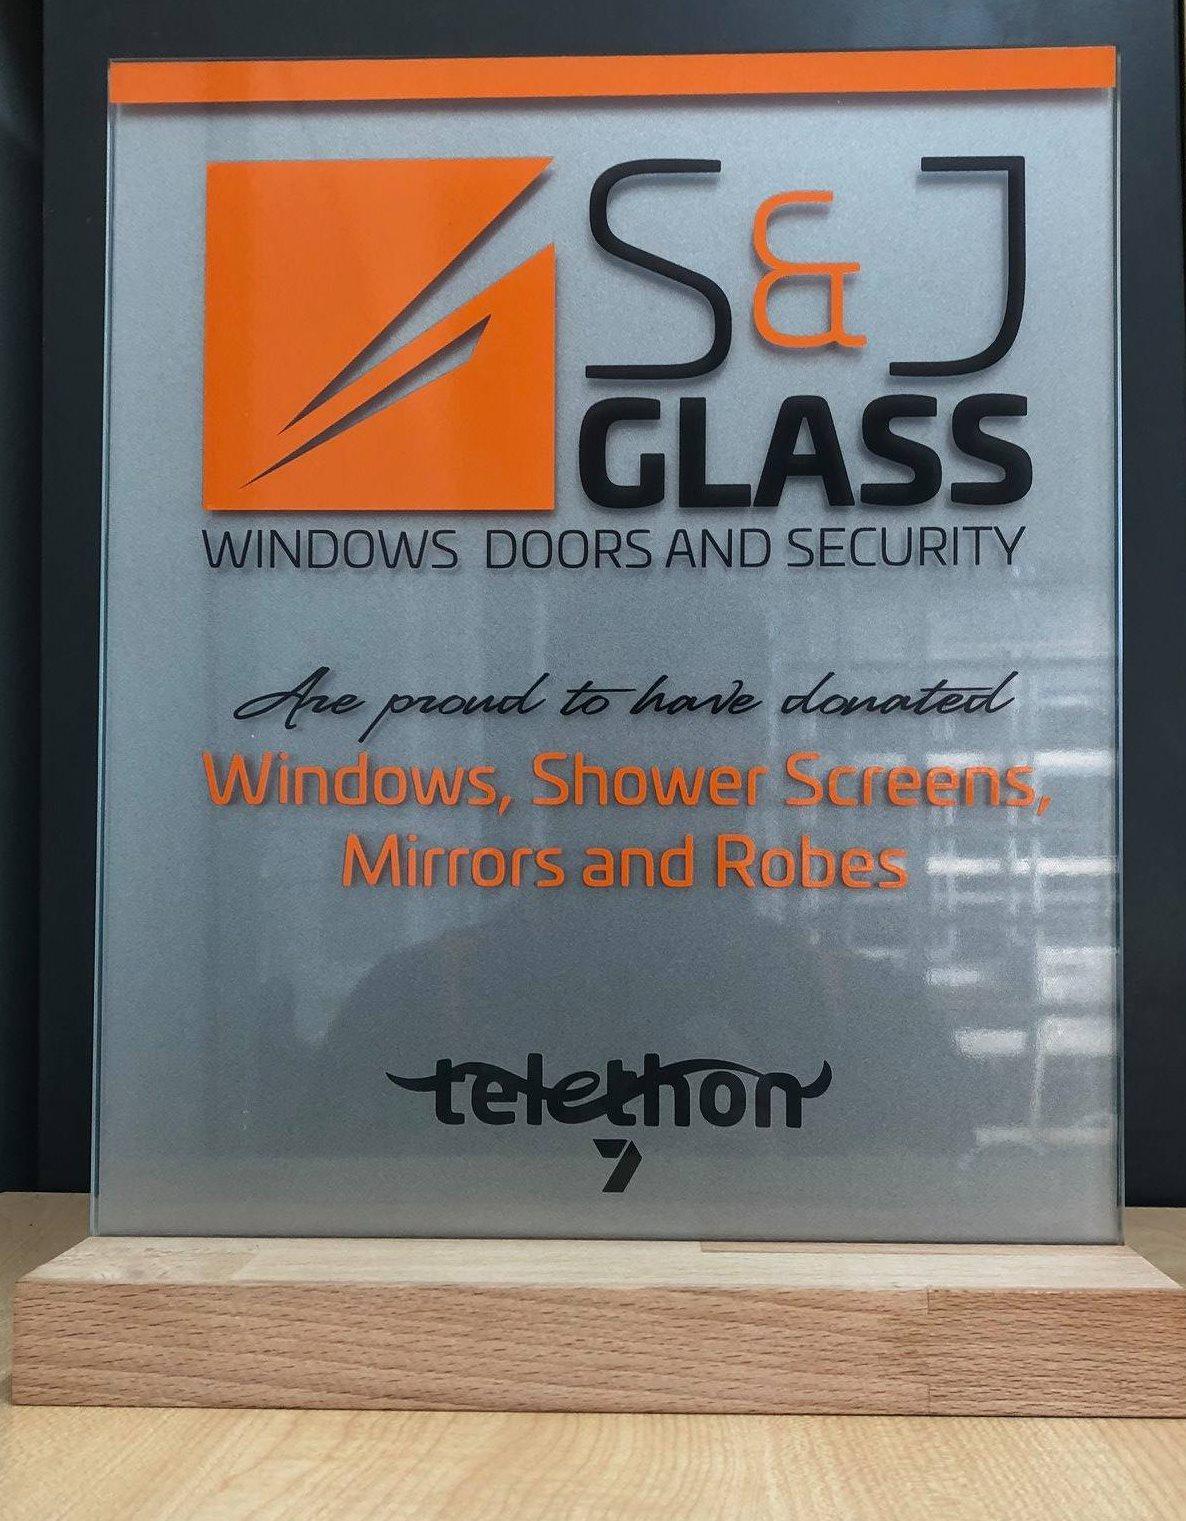 S & J Glass Telethon donation plaque